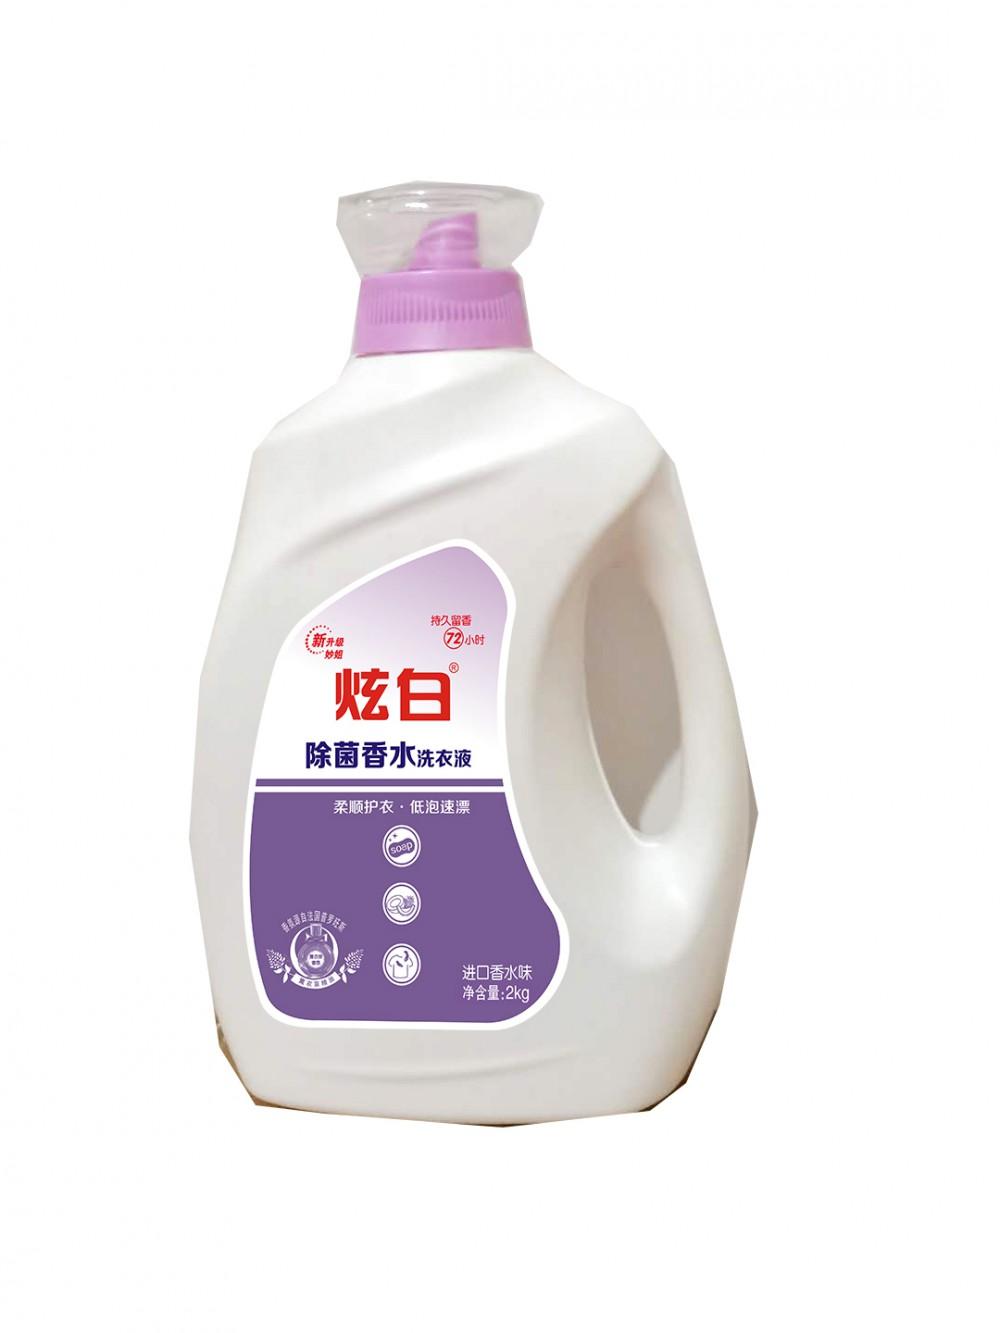 天然皂粉 天津皂粉厂家 洗衣粉批发 天津炫白洗涤用品